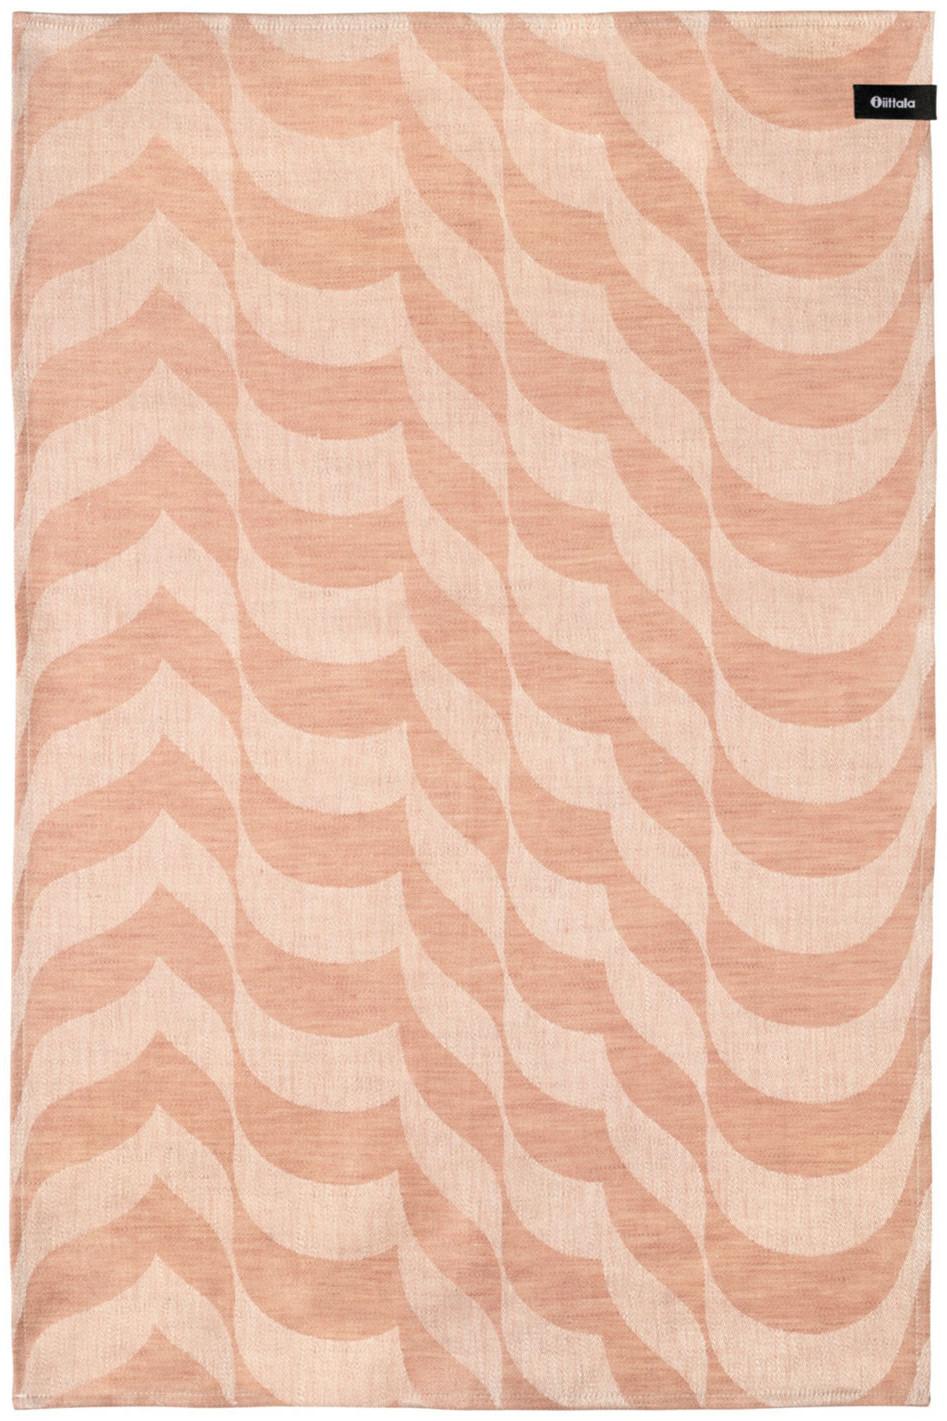 iittala Alvar Aalto Geschirrtuch 47 x 70cm Puder